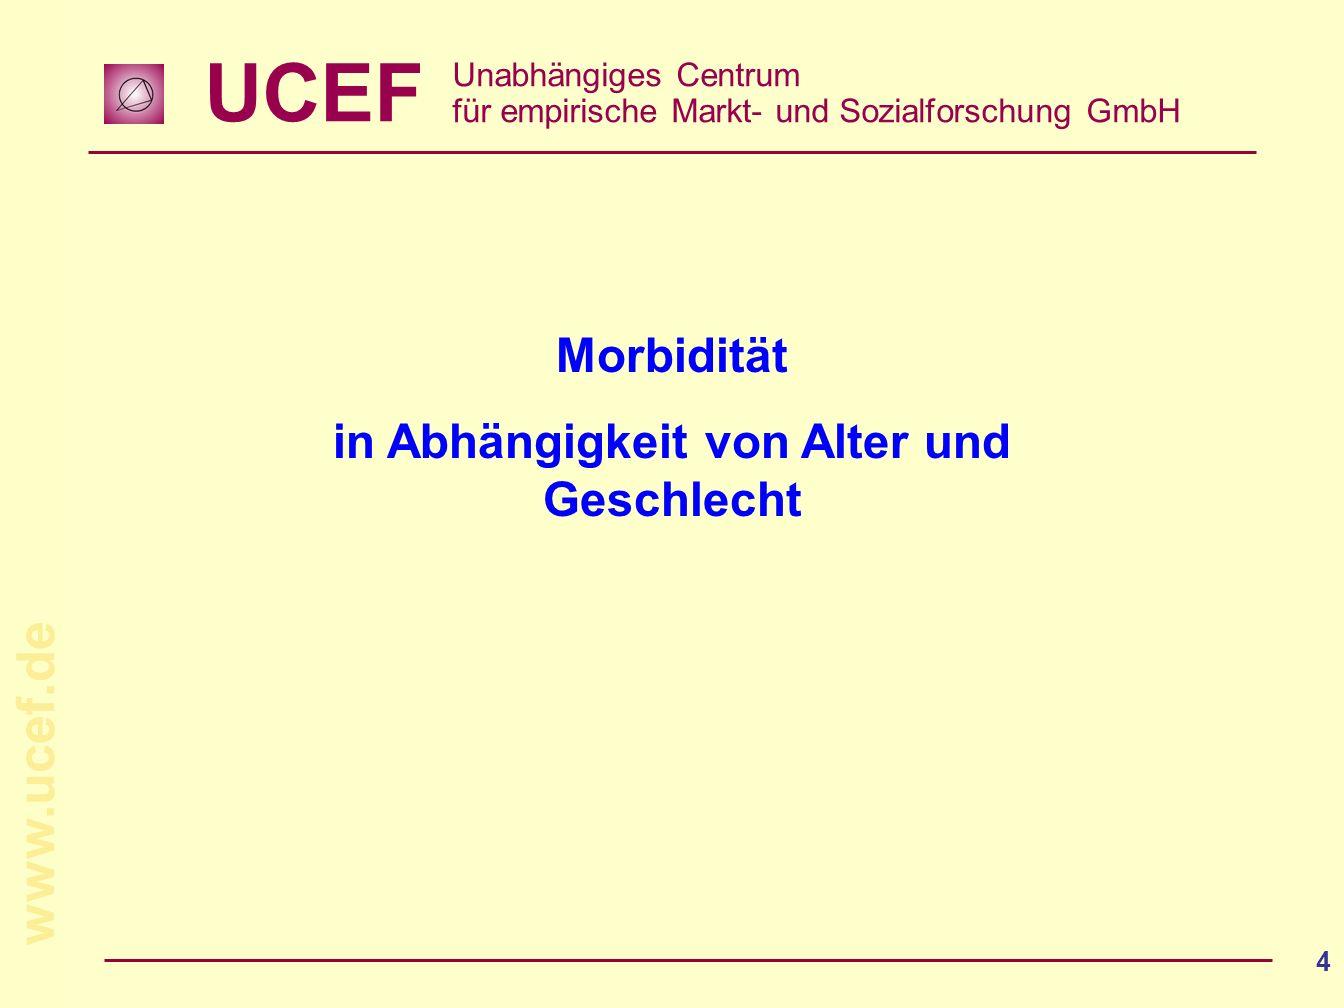 UCEF Unabhängiges Centrum für empirische Markt- und Sozialforschung GmbH www.ucef.de 4 Morbidität in Abhängigkeit von Alter und Geschlecht